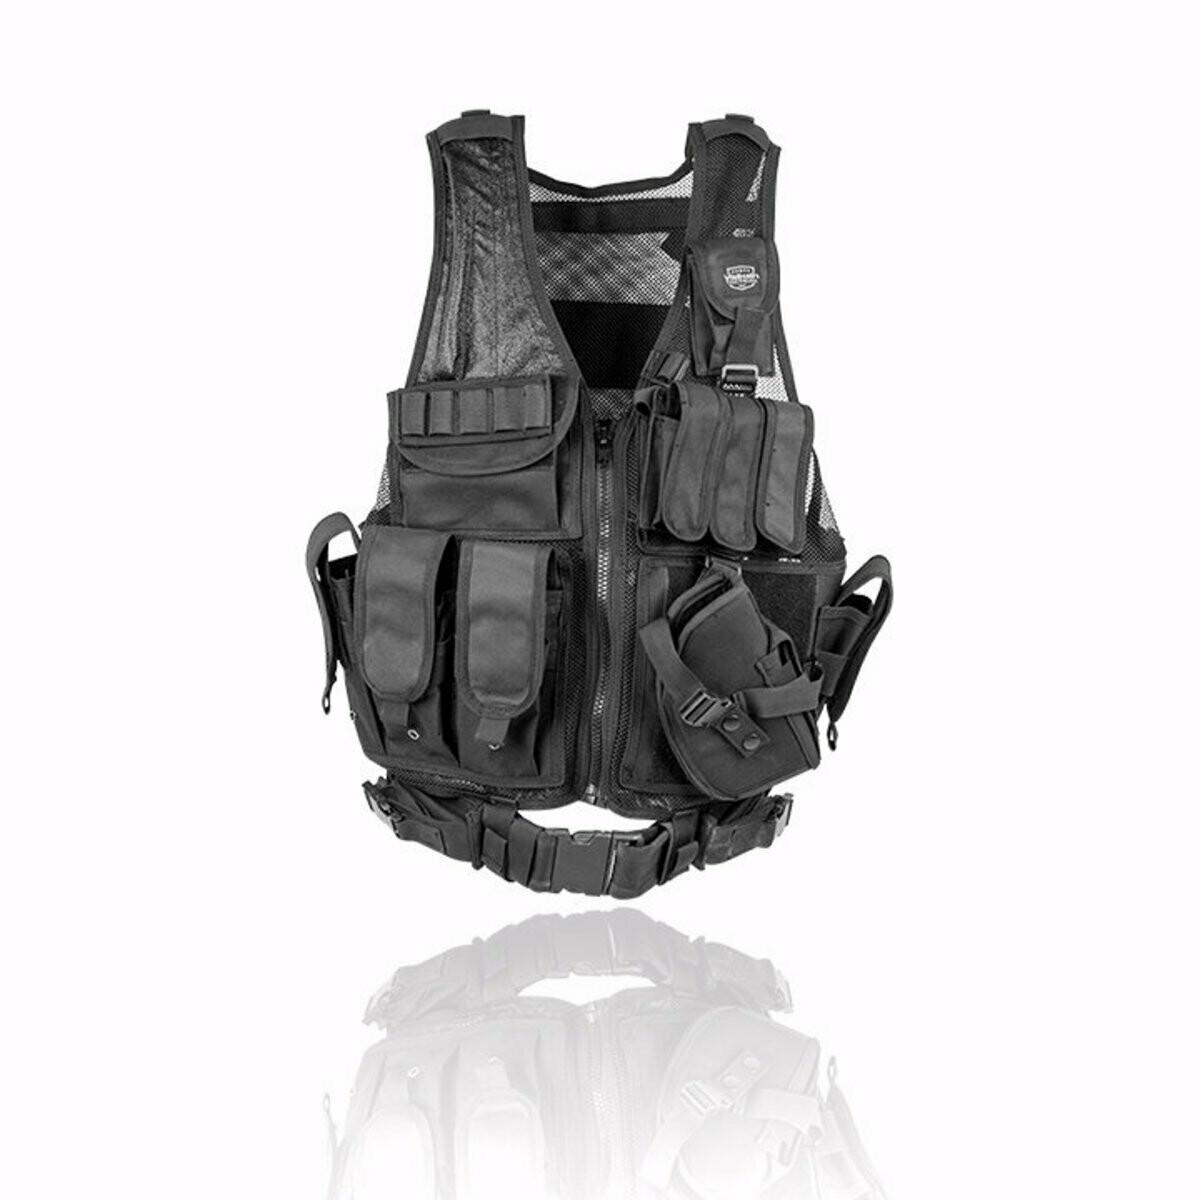 Valken Adult Crossdraw Airsoft Vest